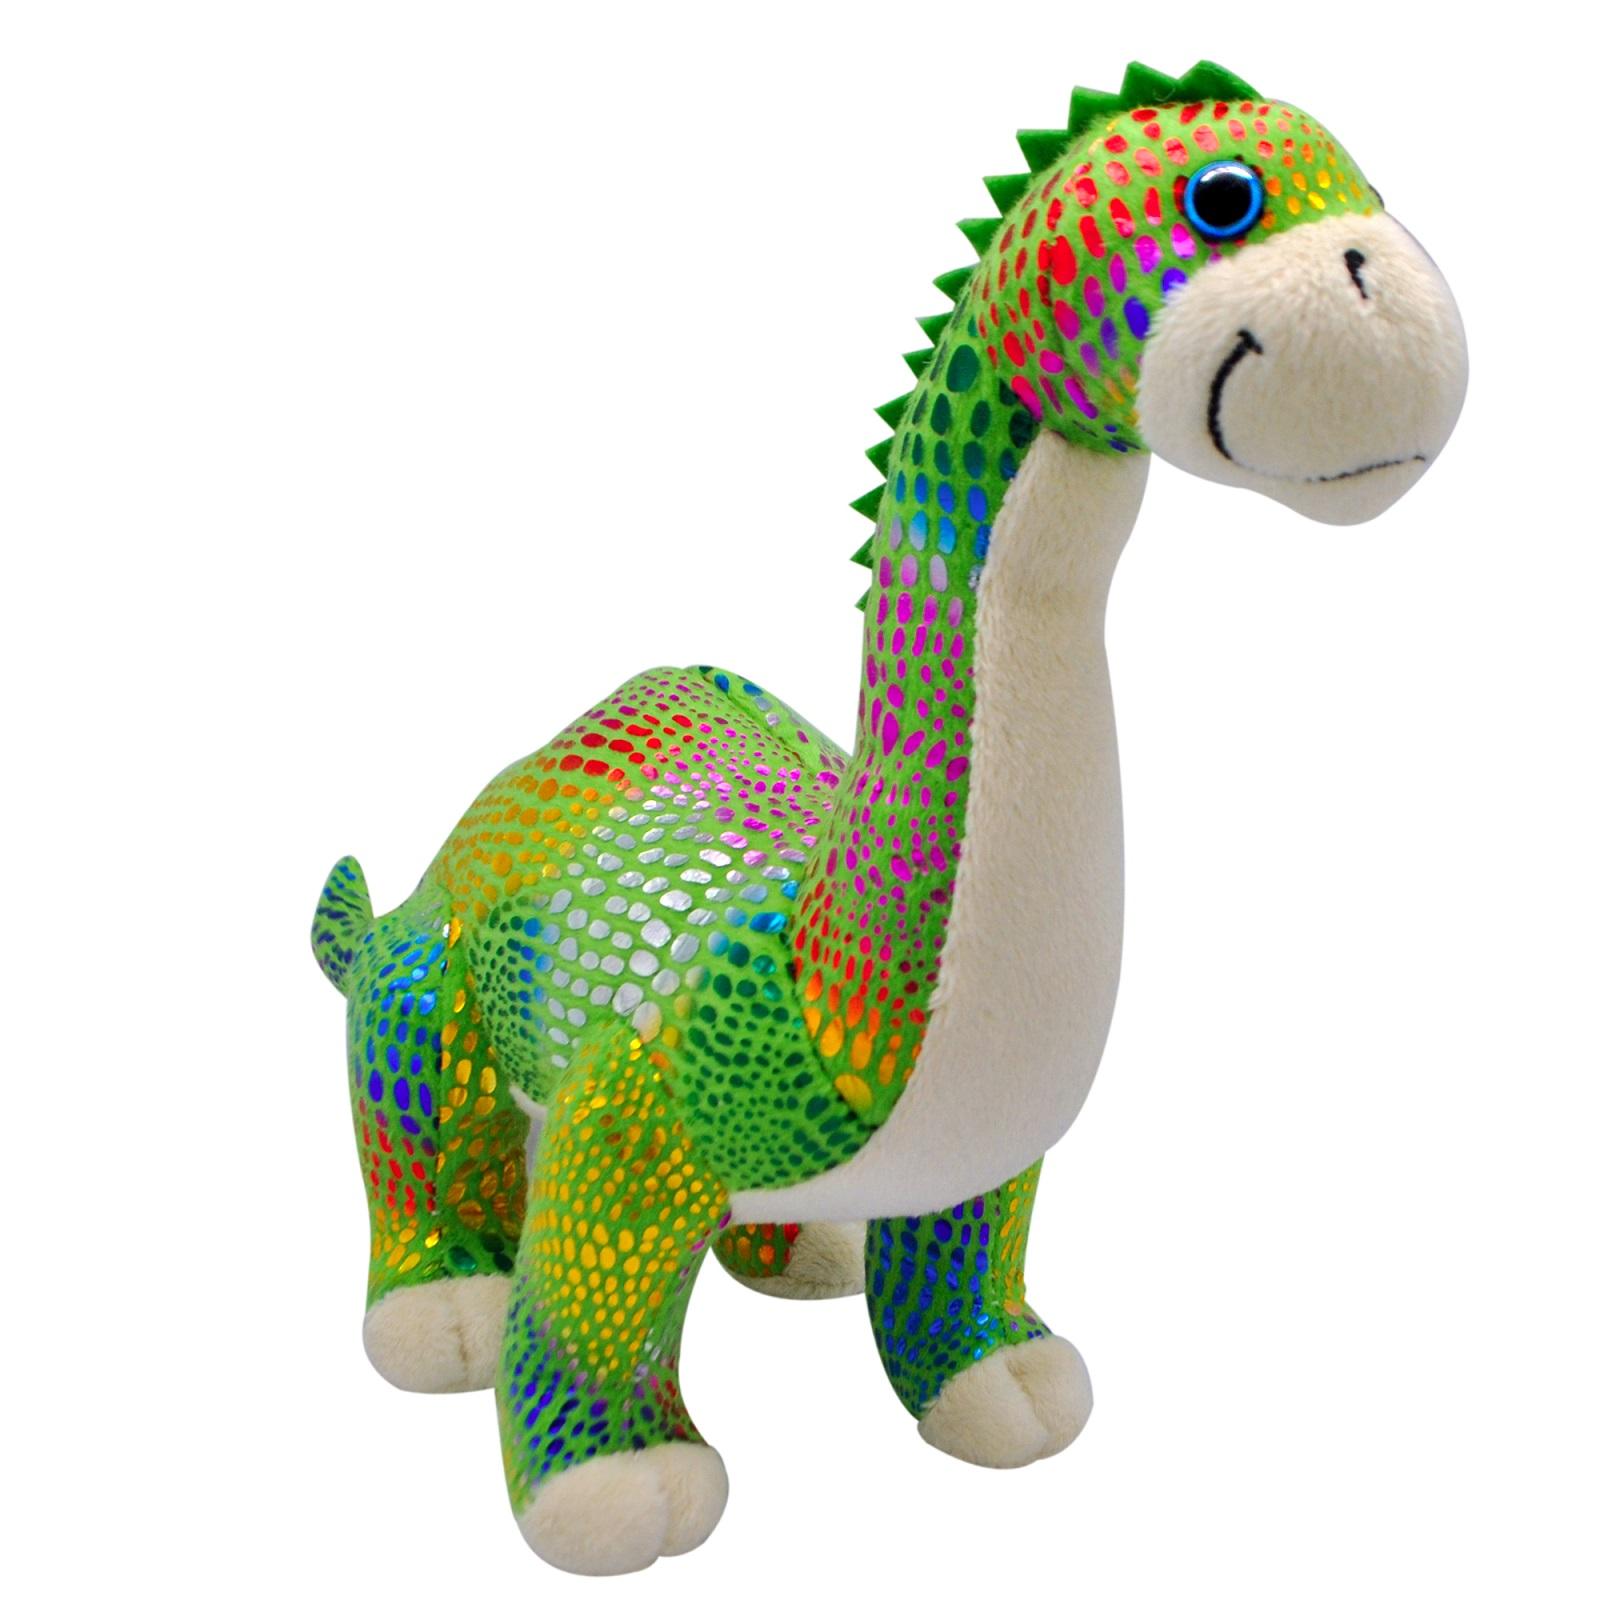 АБВГДЕЙКА Мягкая игрушка Динозавр Диплодок, 30 см, зеленый